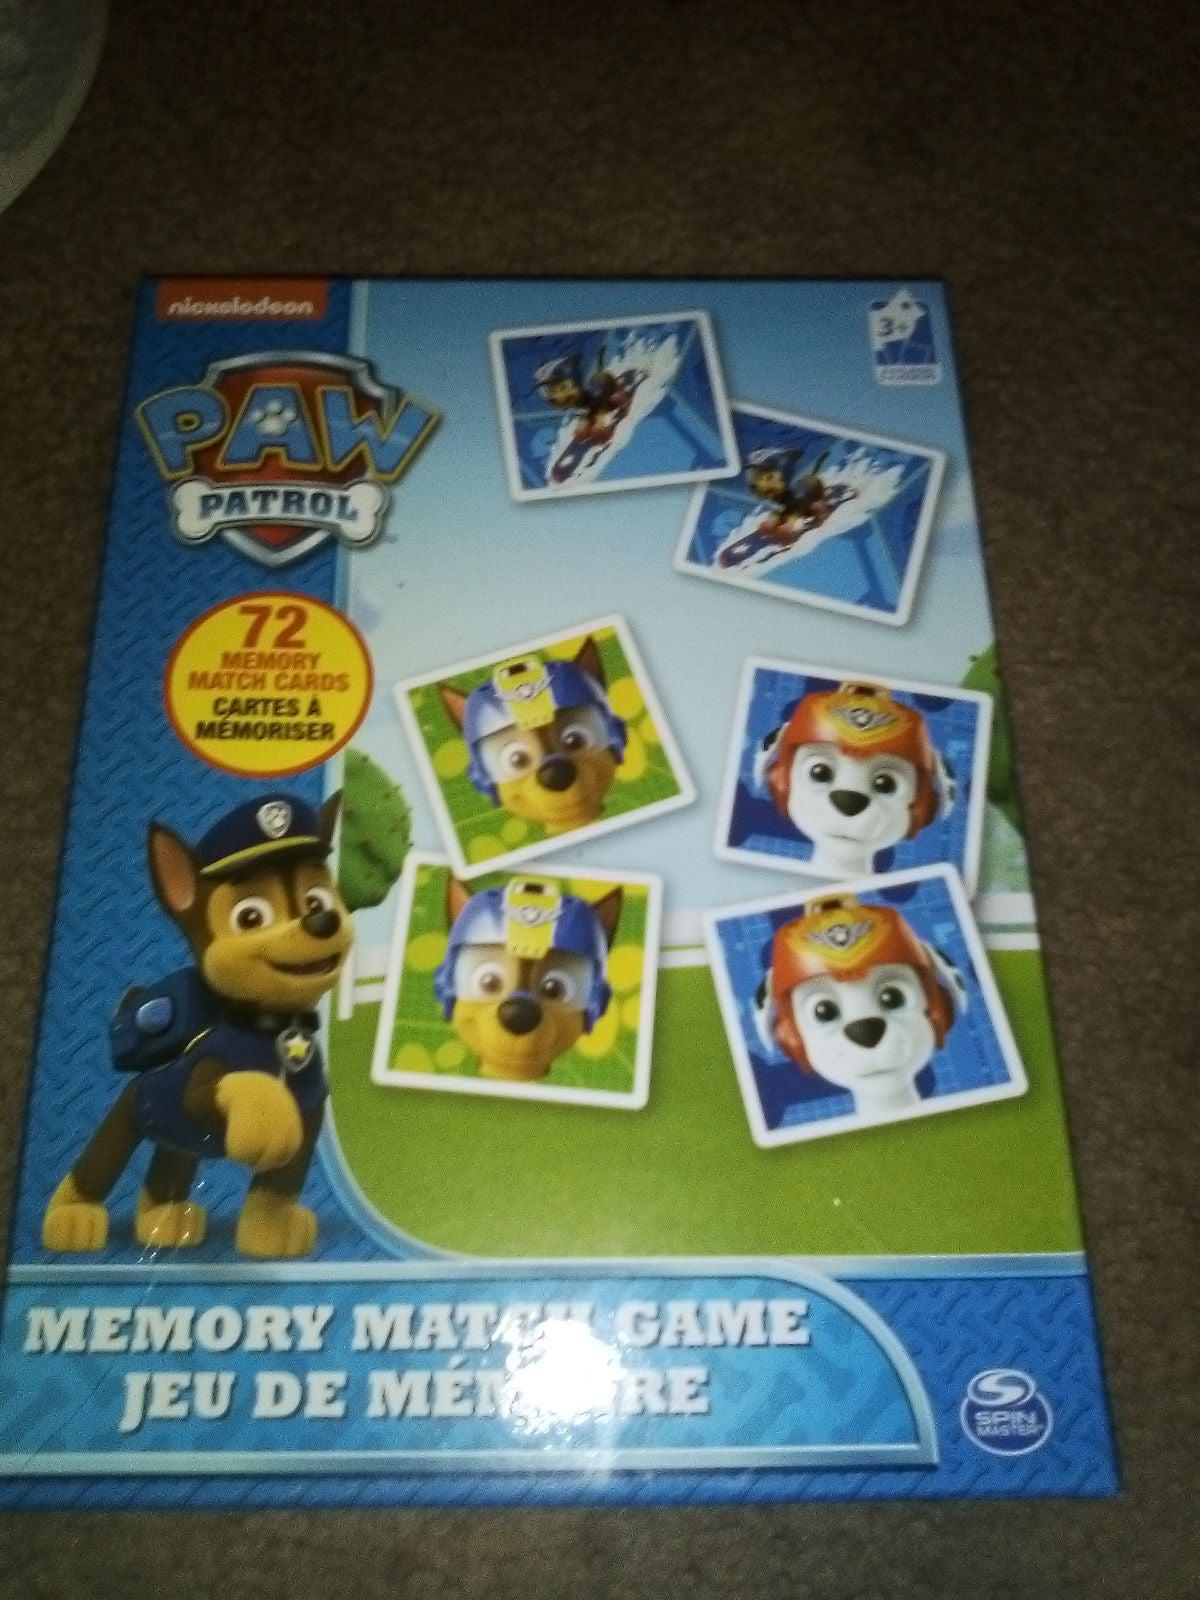 Paw Patrol memory matching game